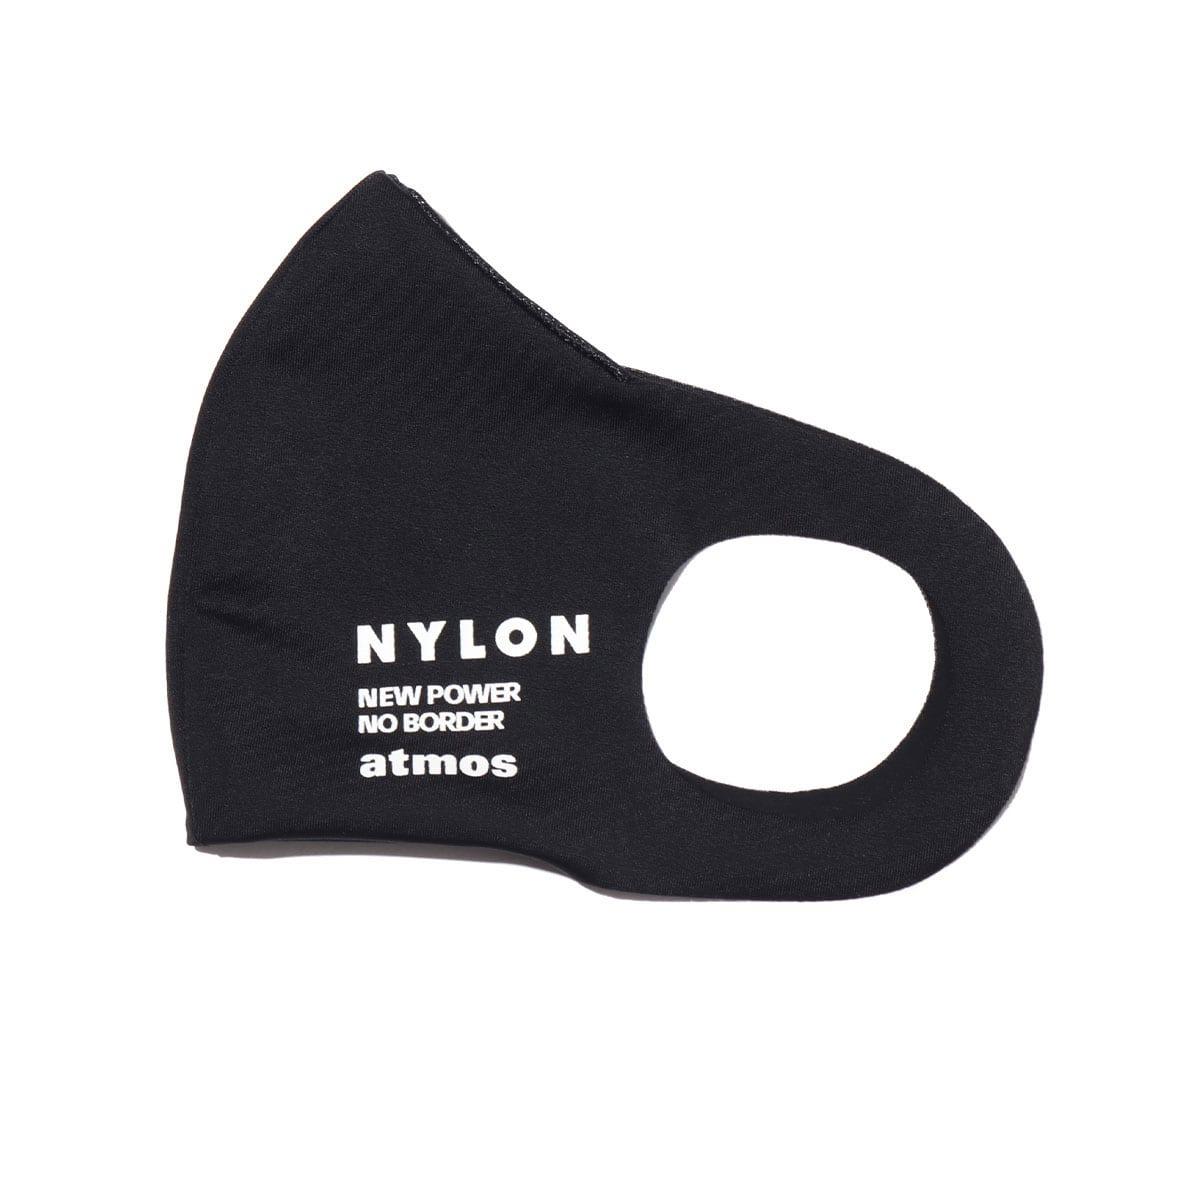 atmos x NYLON 接触冷感MASK BLACK 20SU-I_photo_large